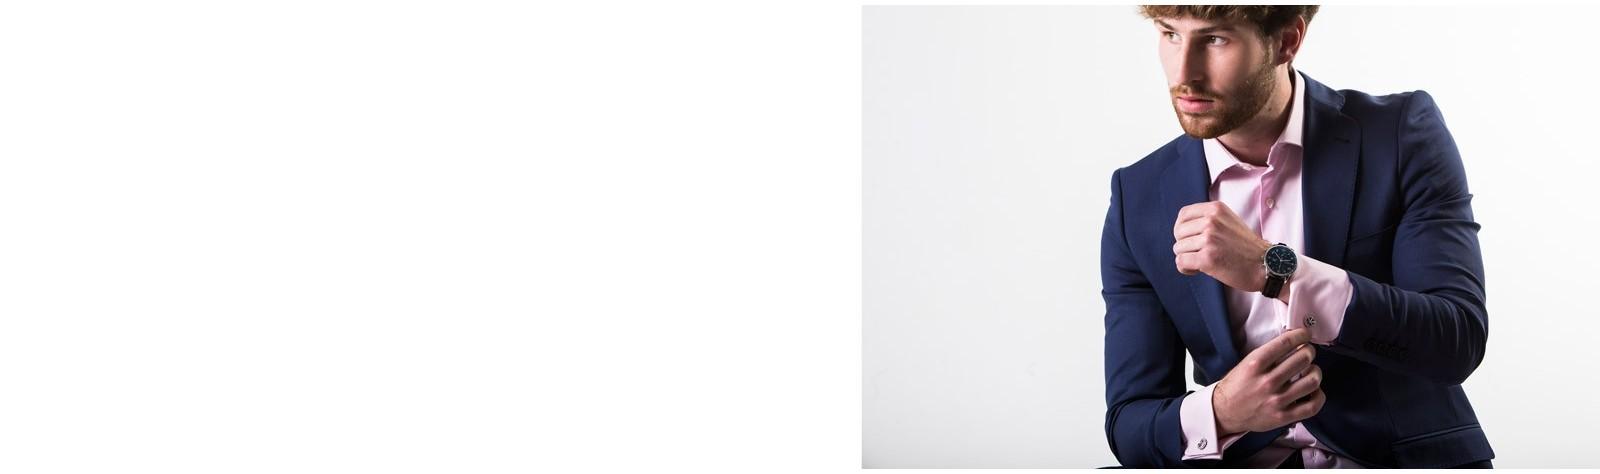 Compra online relojes de Casio, Seiko, Bering, Polar y Garmin